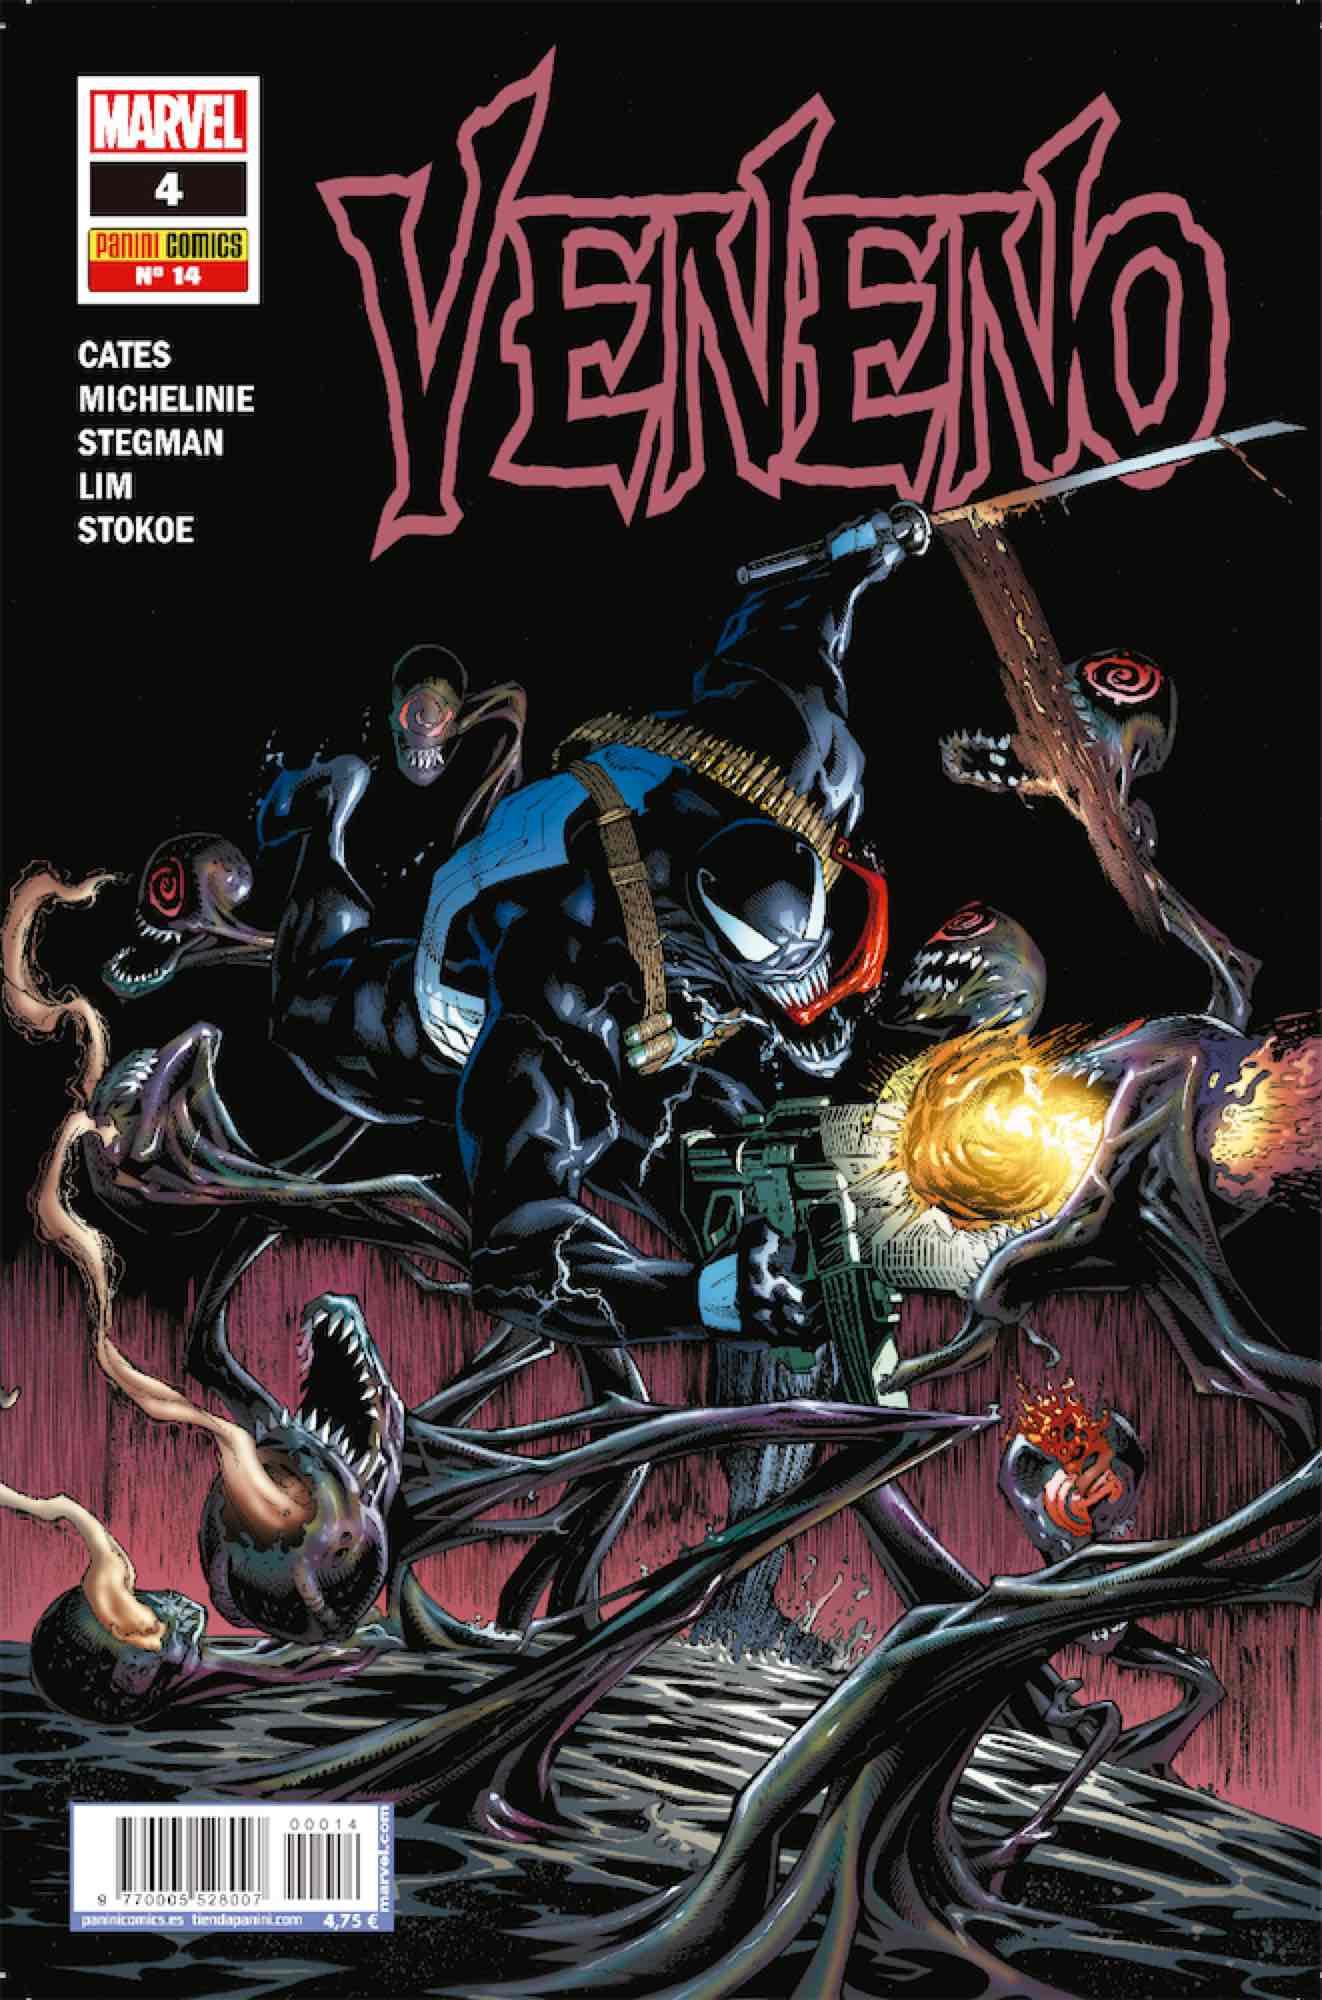 VENENO V2 14 (VENENO #4)